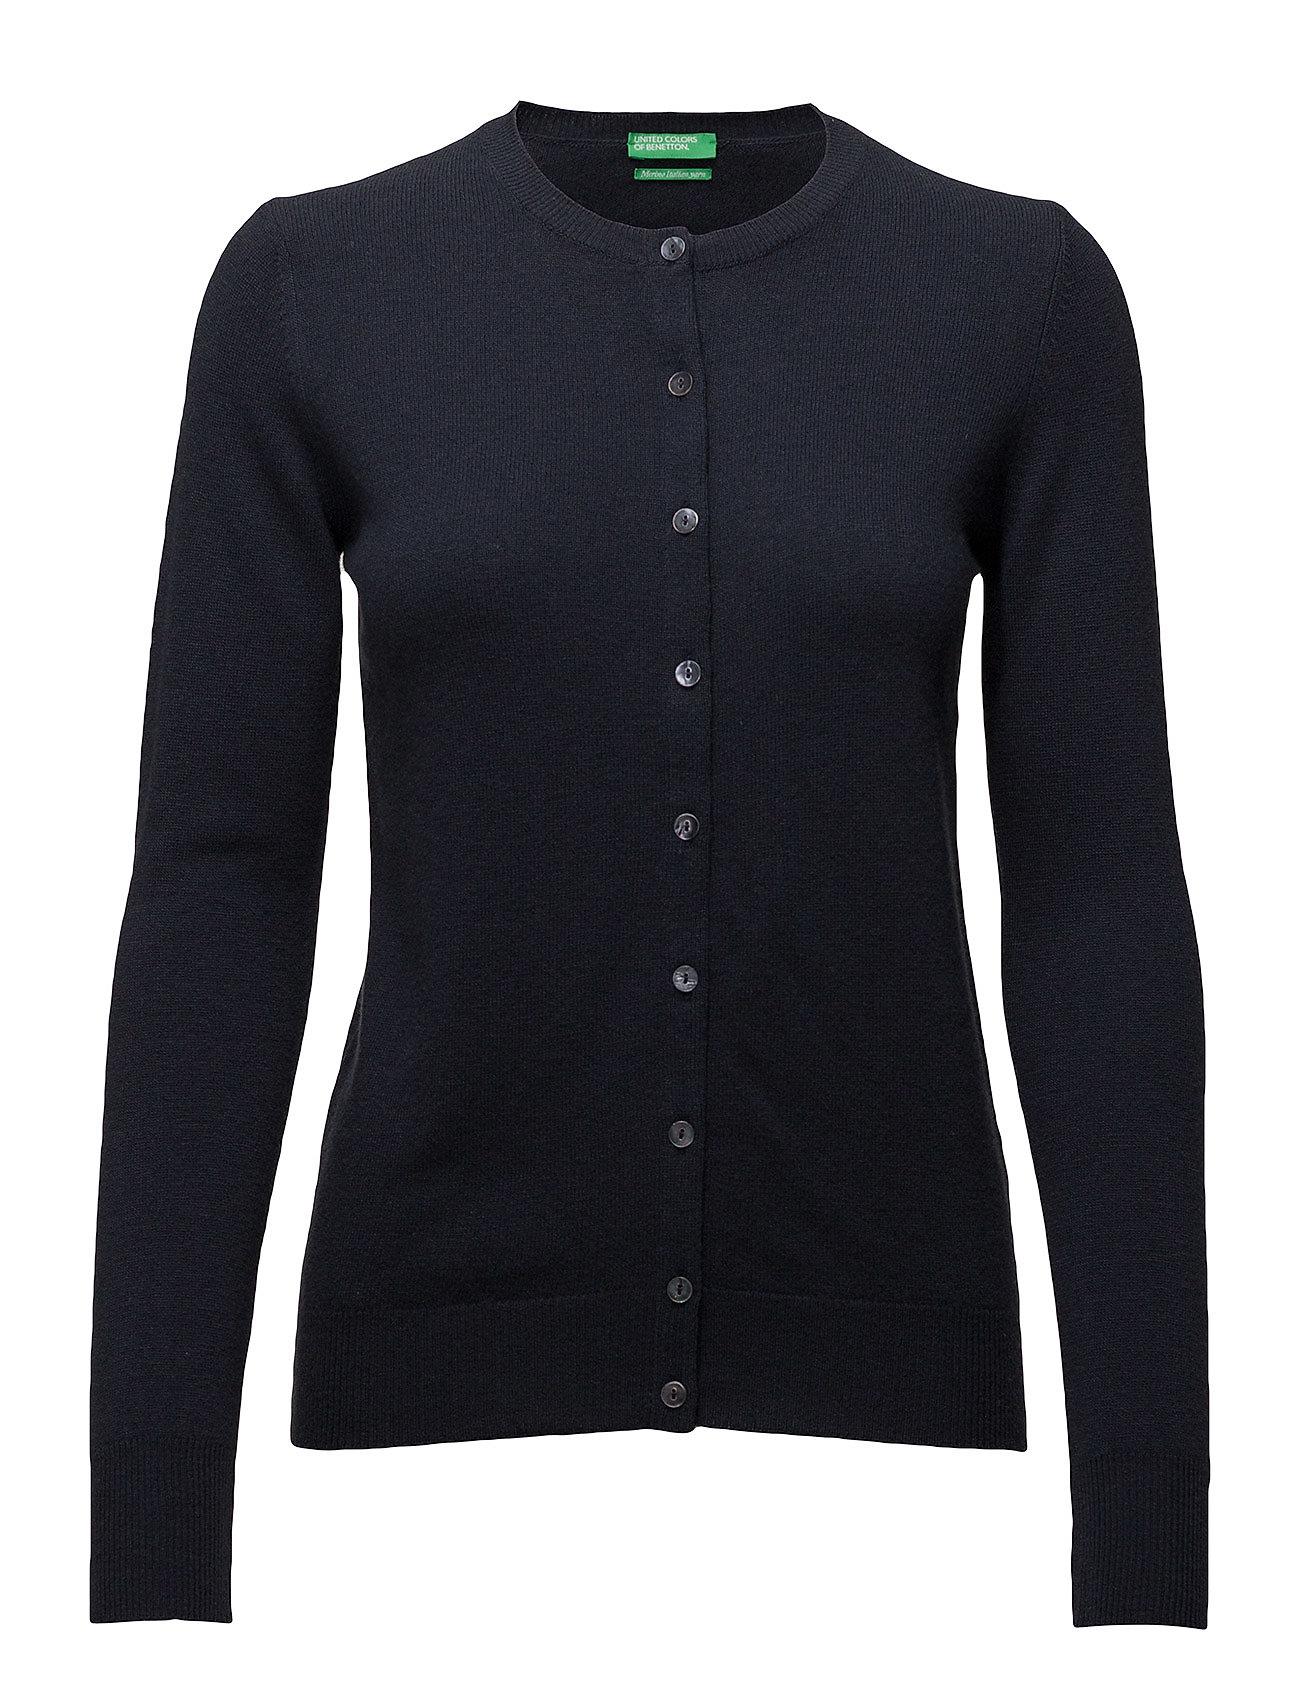 L/S Sweater United Colors of Benetton Cardigans til Damer i 06U